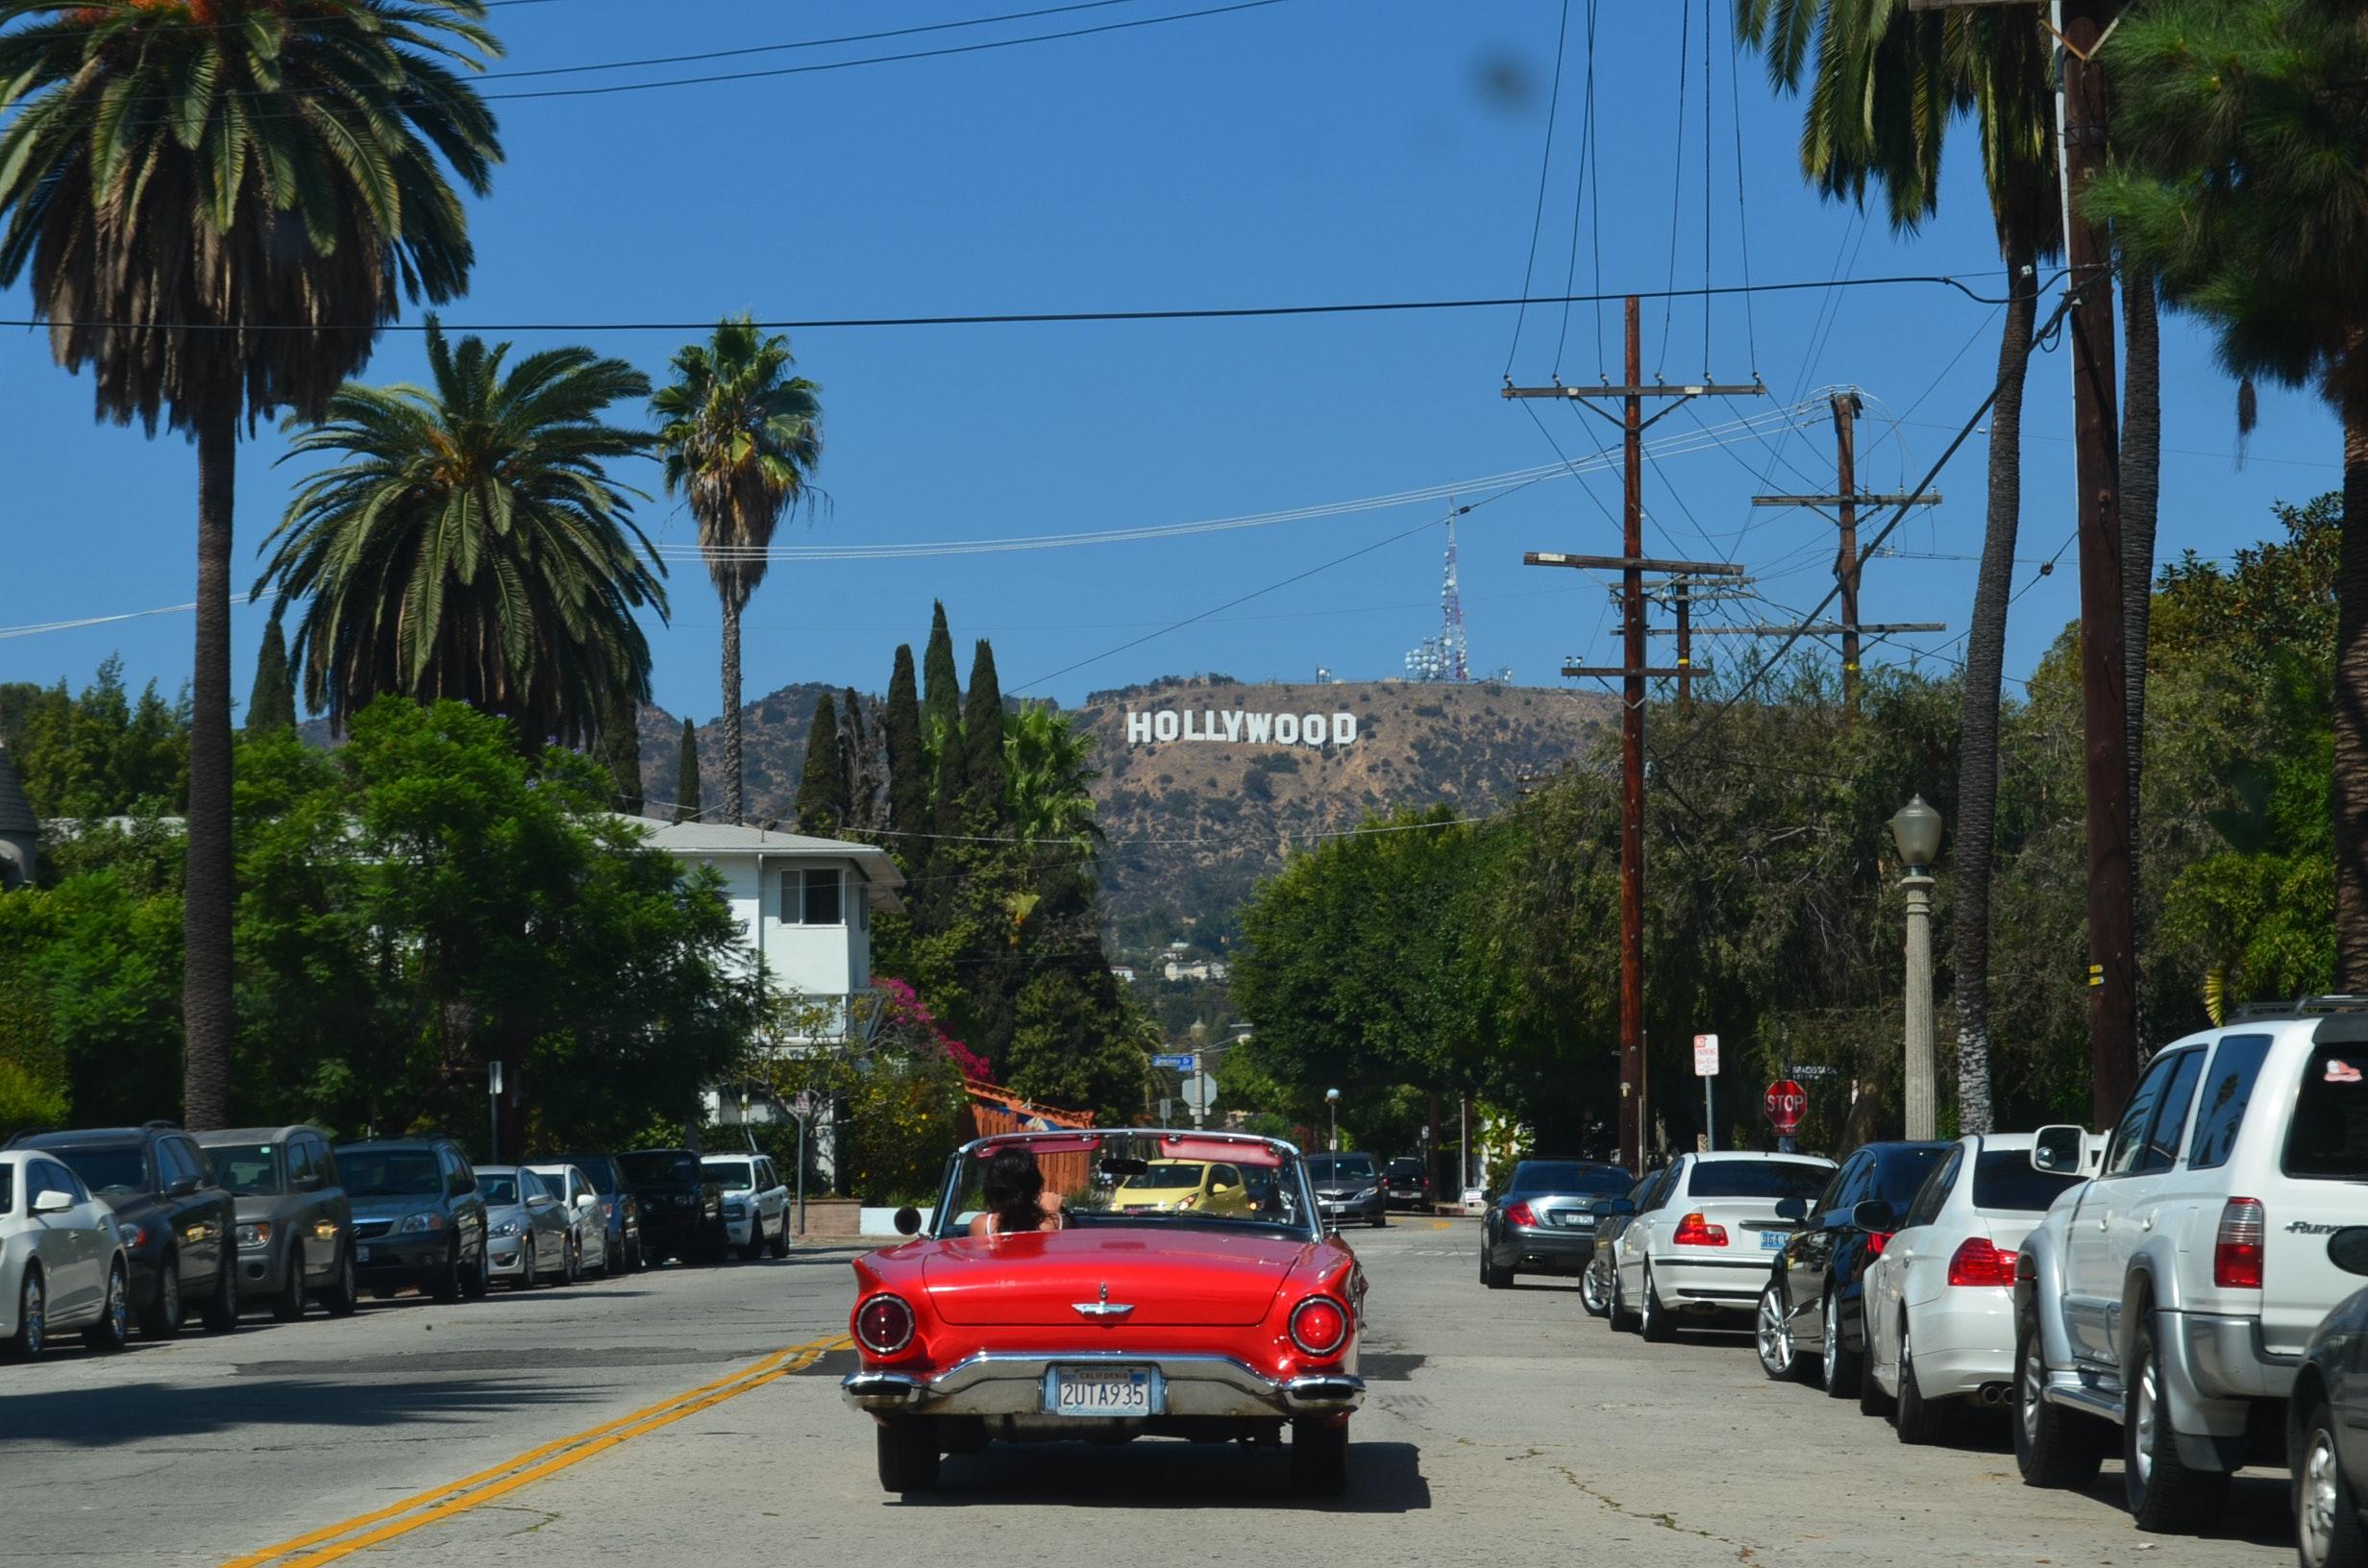 Χόλυγουντ, Λος Άντζελες